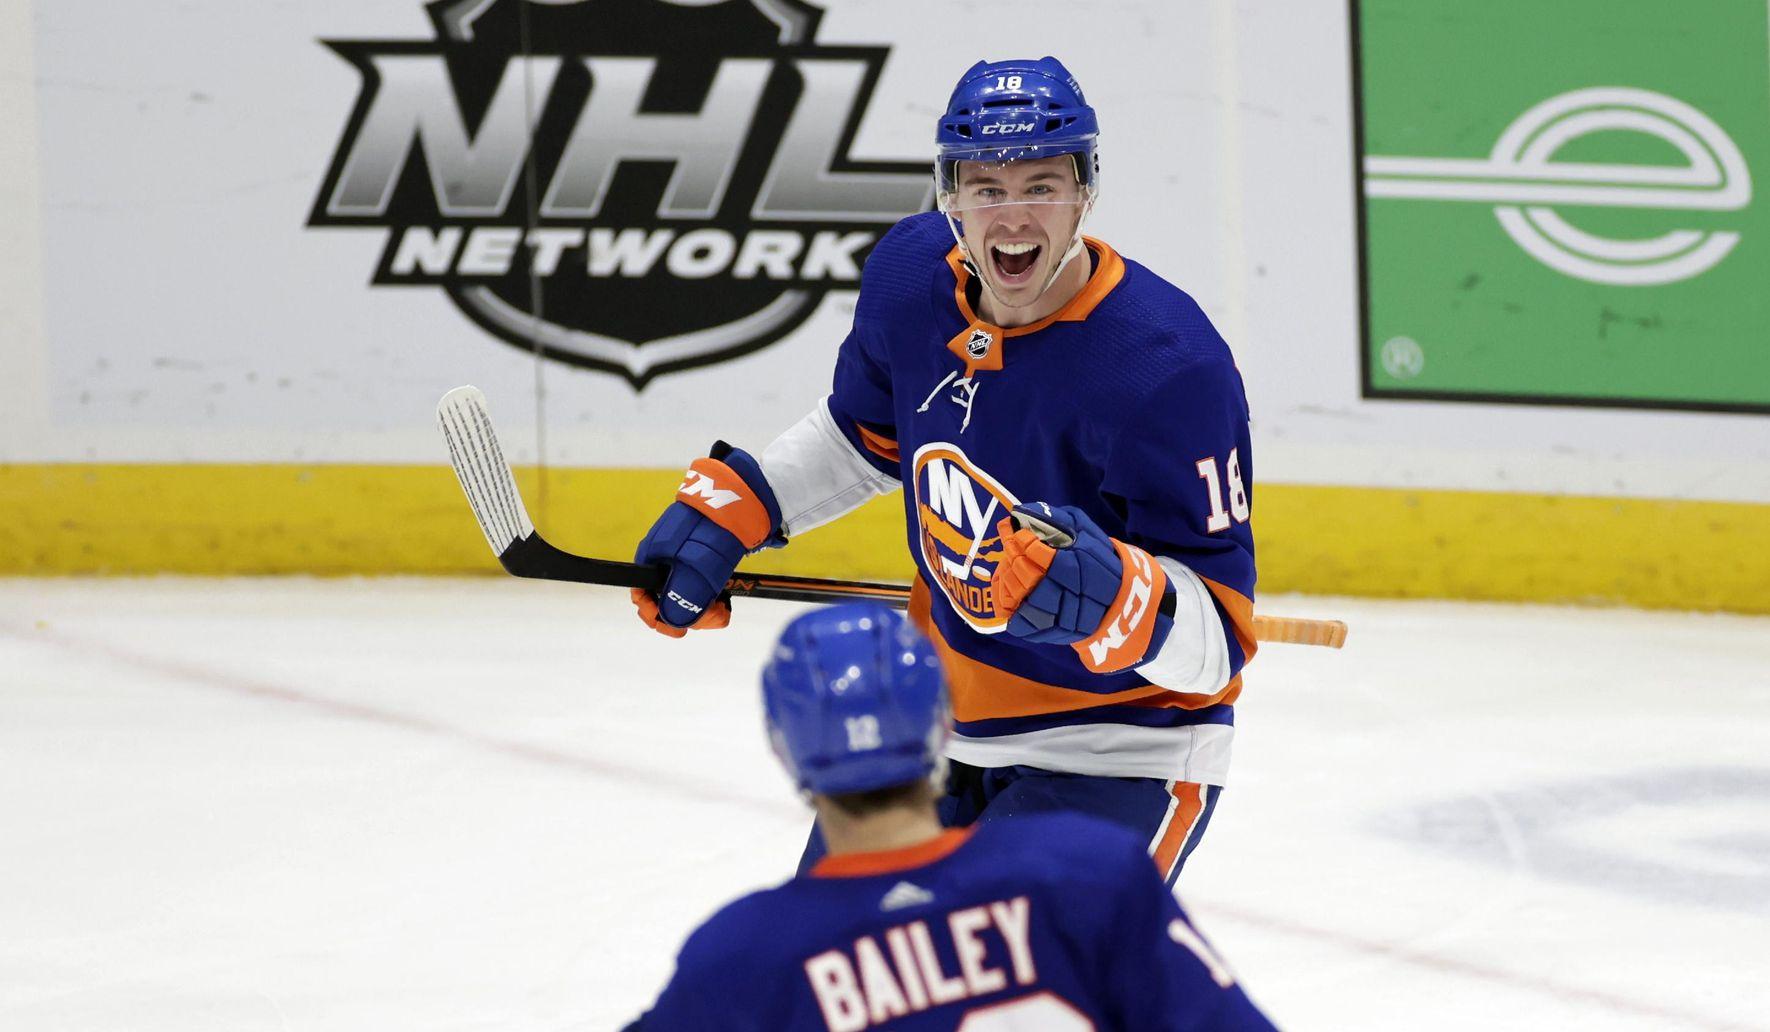 Bruins_islanders_hockey_11839_c0-121-2892-1807_s1770x1032